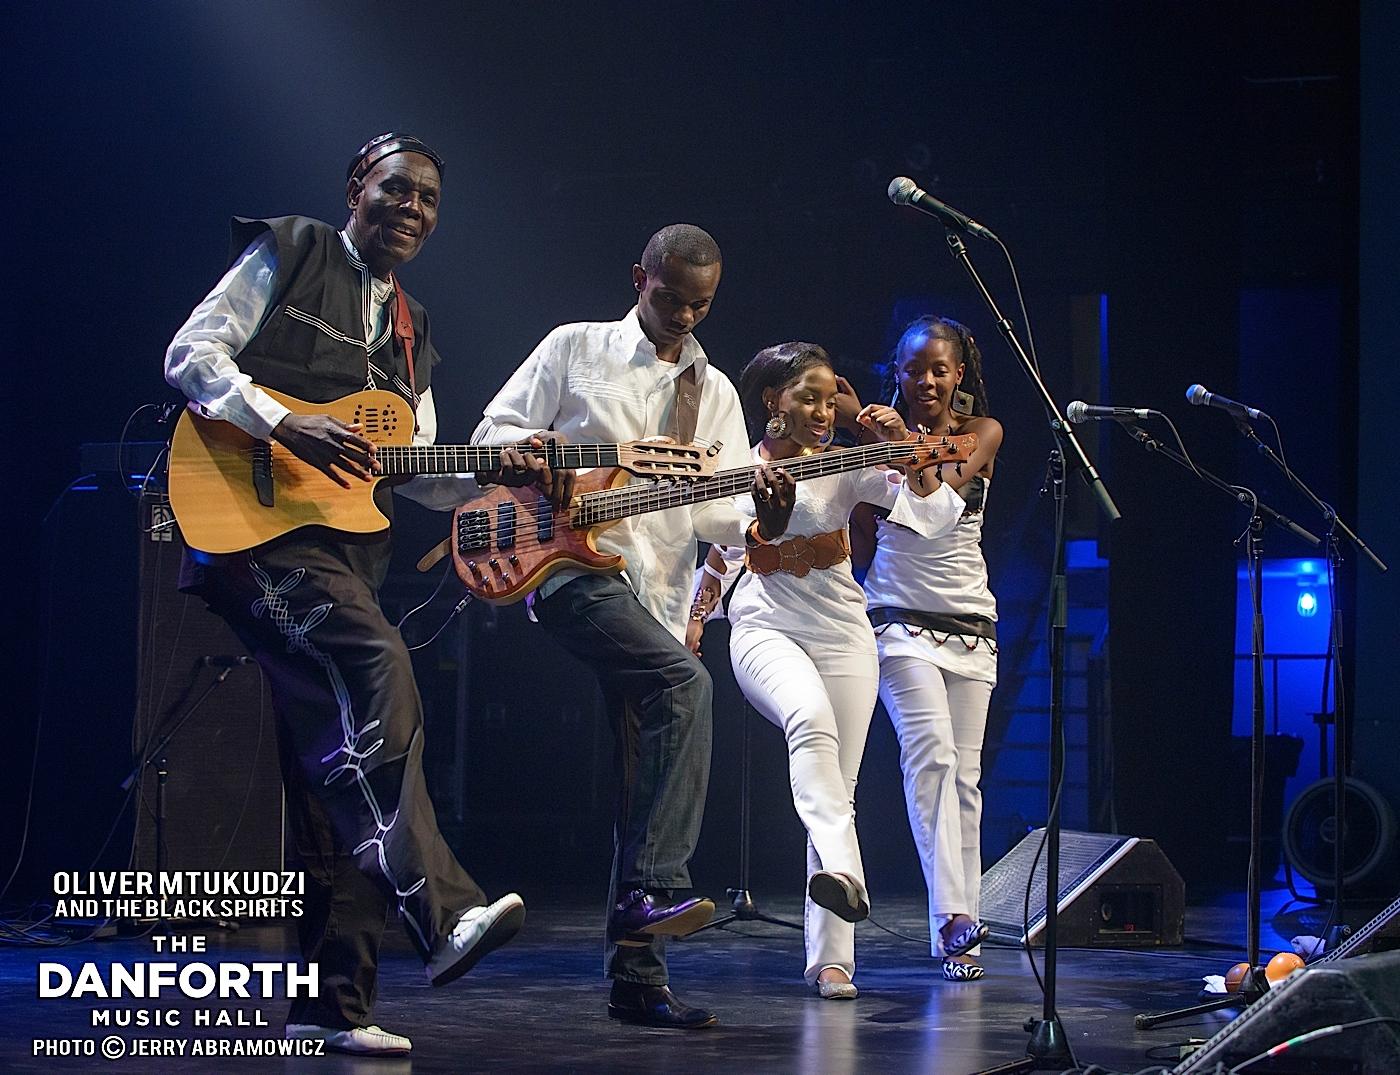 OLIVER MTUKUDZI and the Black Spirits  at The Danforth Music Hall Toronto.